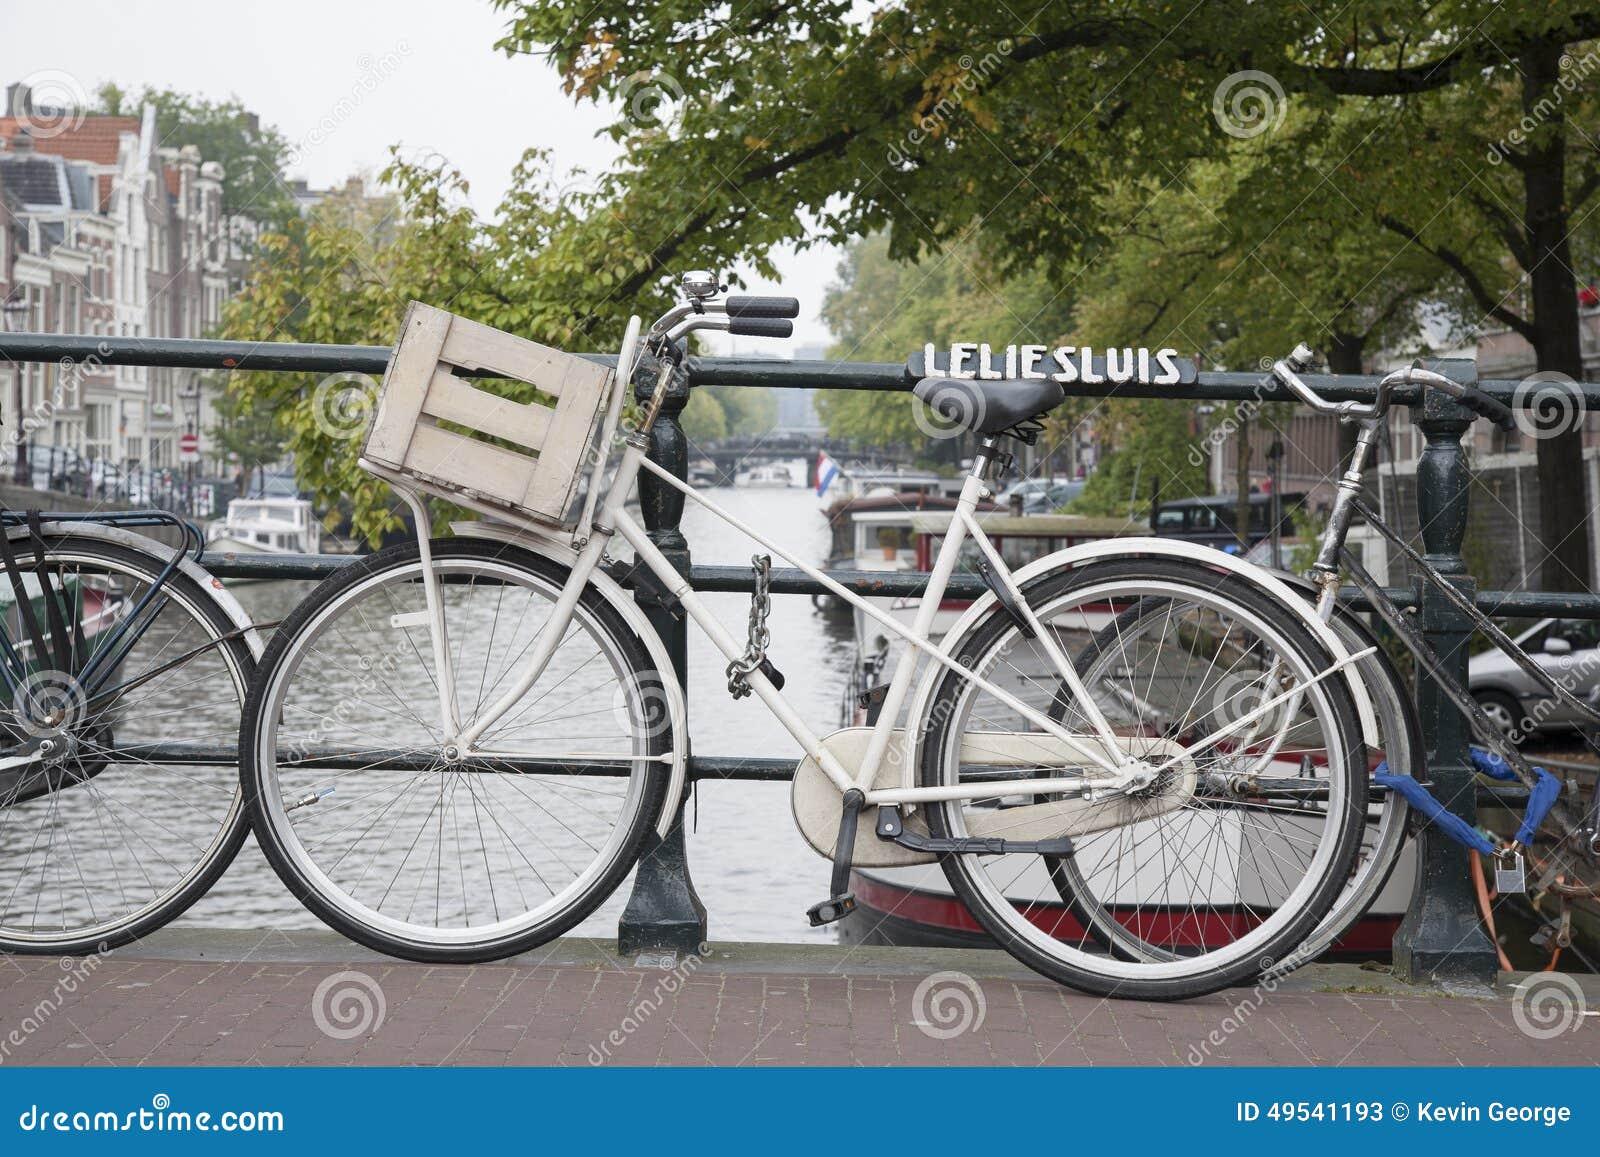 Ponte e canal de Leliesluis com bicicleta, Amsterdão